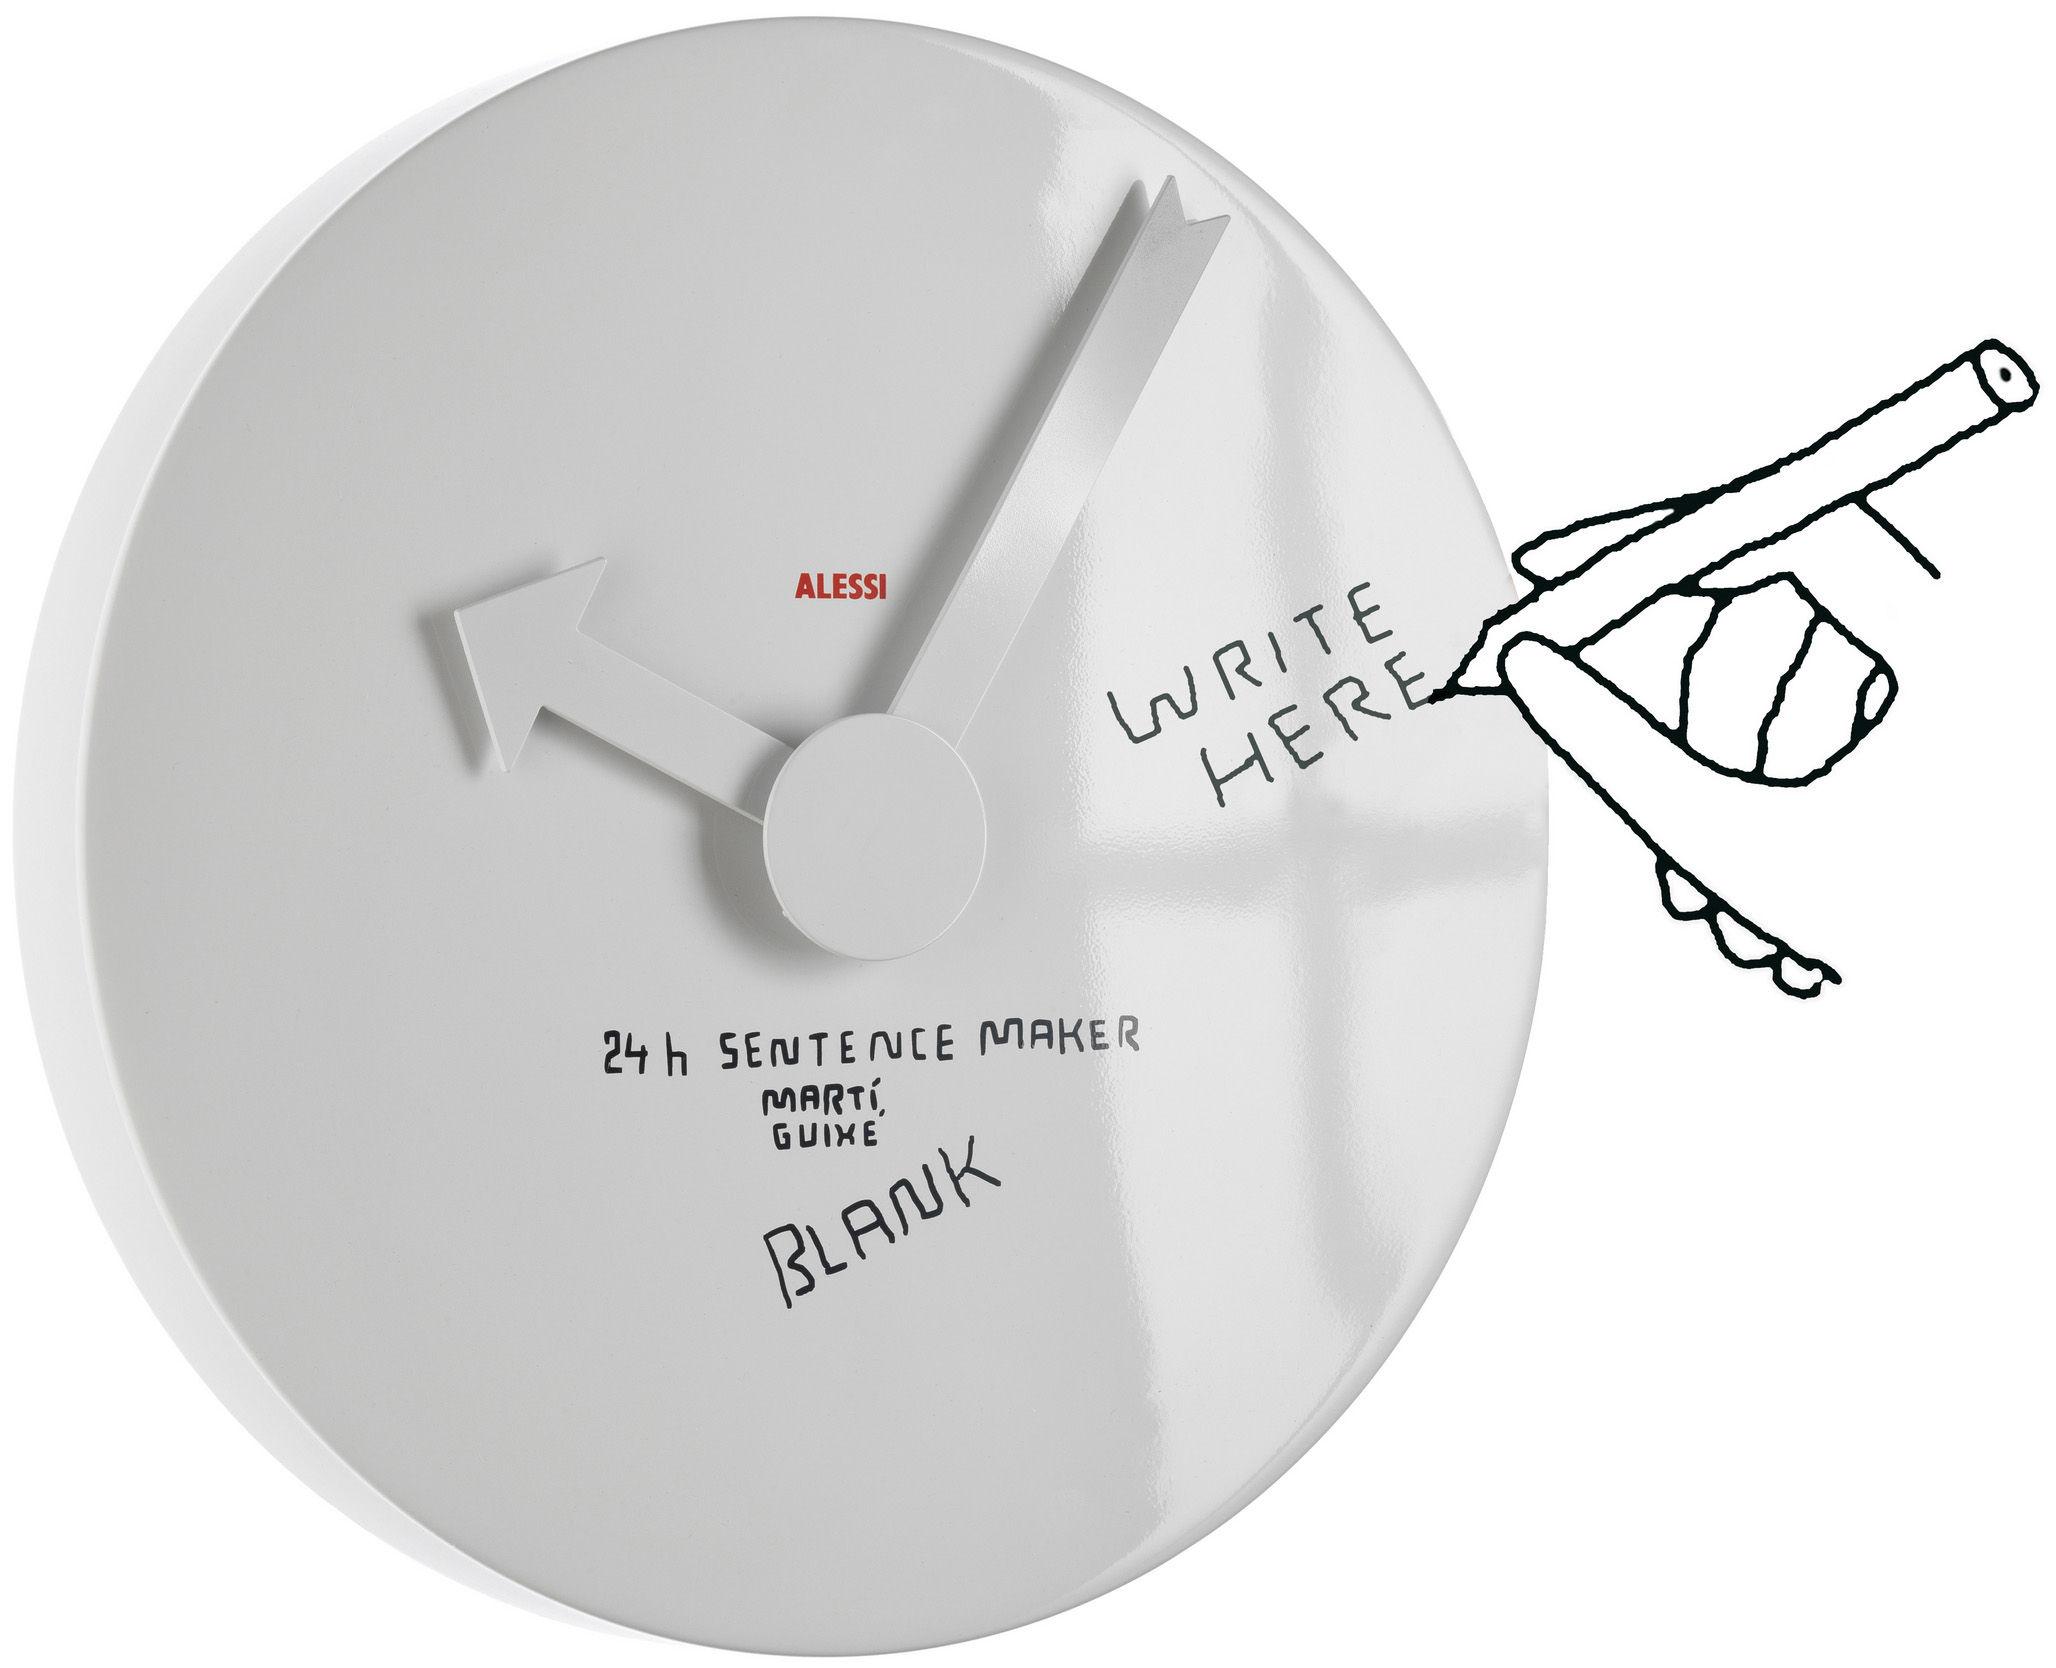 Interni - Orologi  - Orologio murale Blank - Personalizzabile di Alessi - Bianco - Alluminio